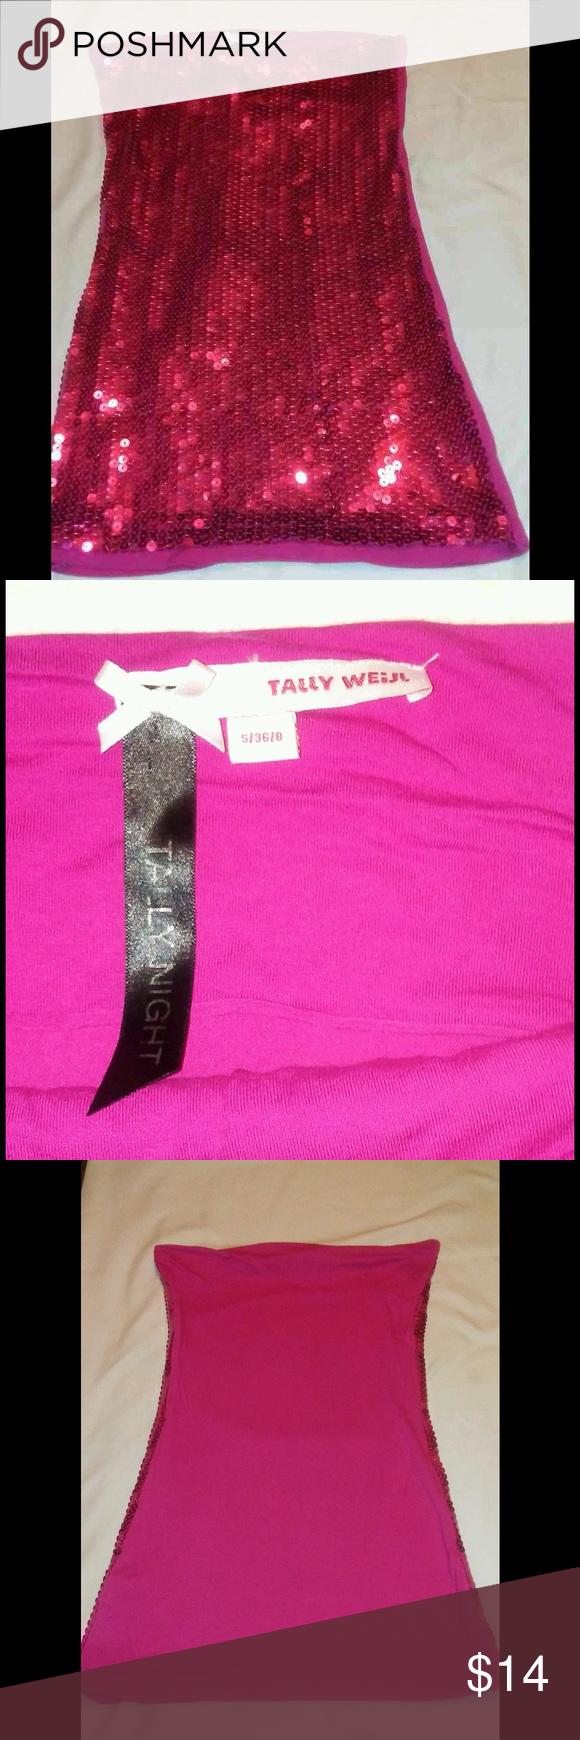 Tally Weijl halter top Tally Weijl new sequin halter top Tally Weijl Tops Tank Tops